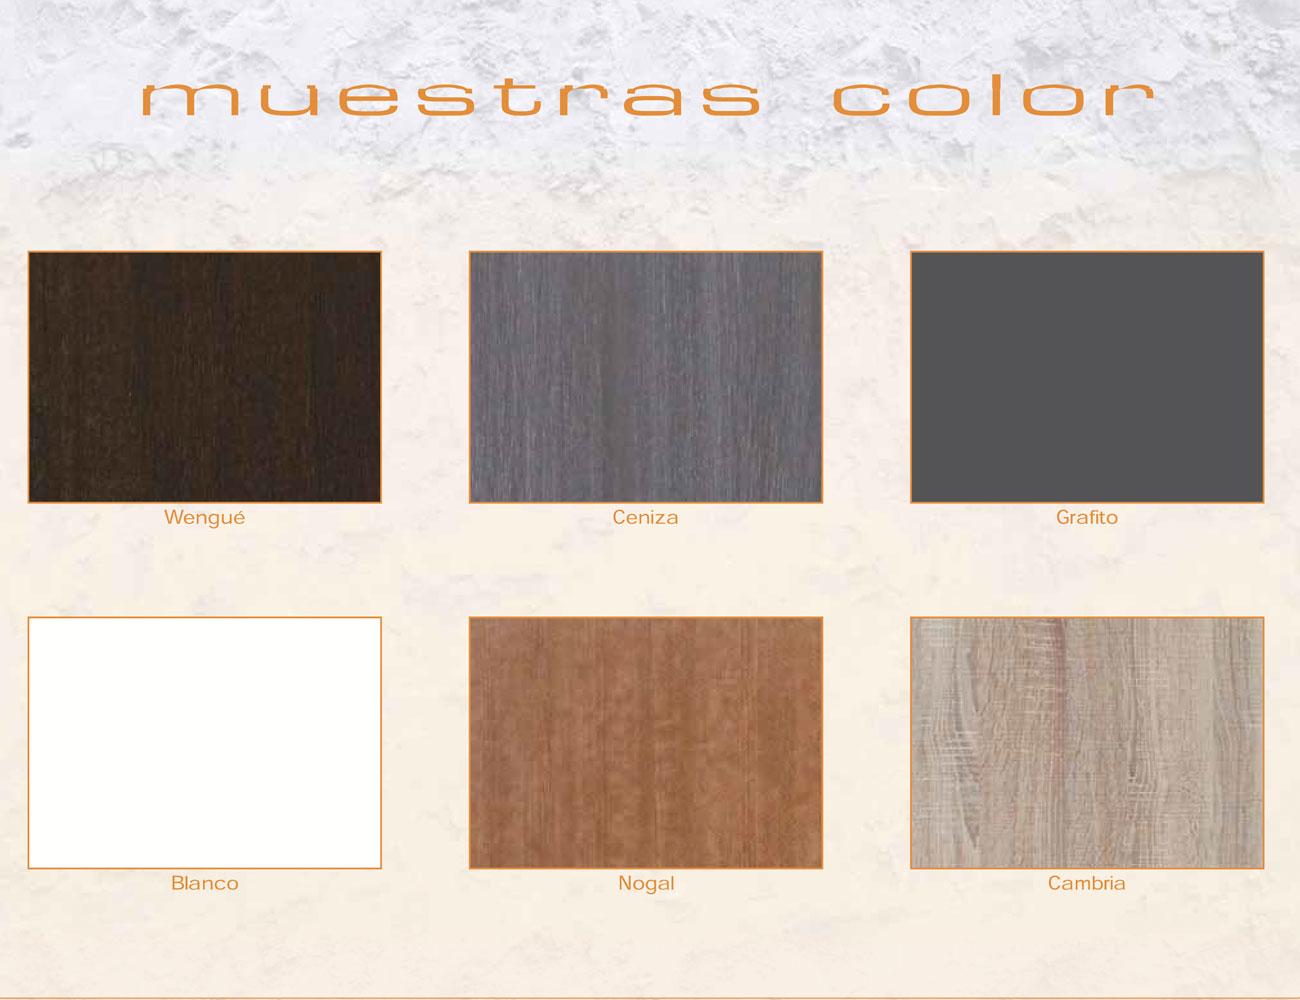 Muestras color muebles expo1